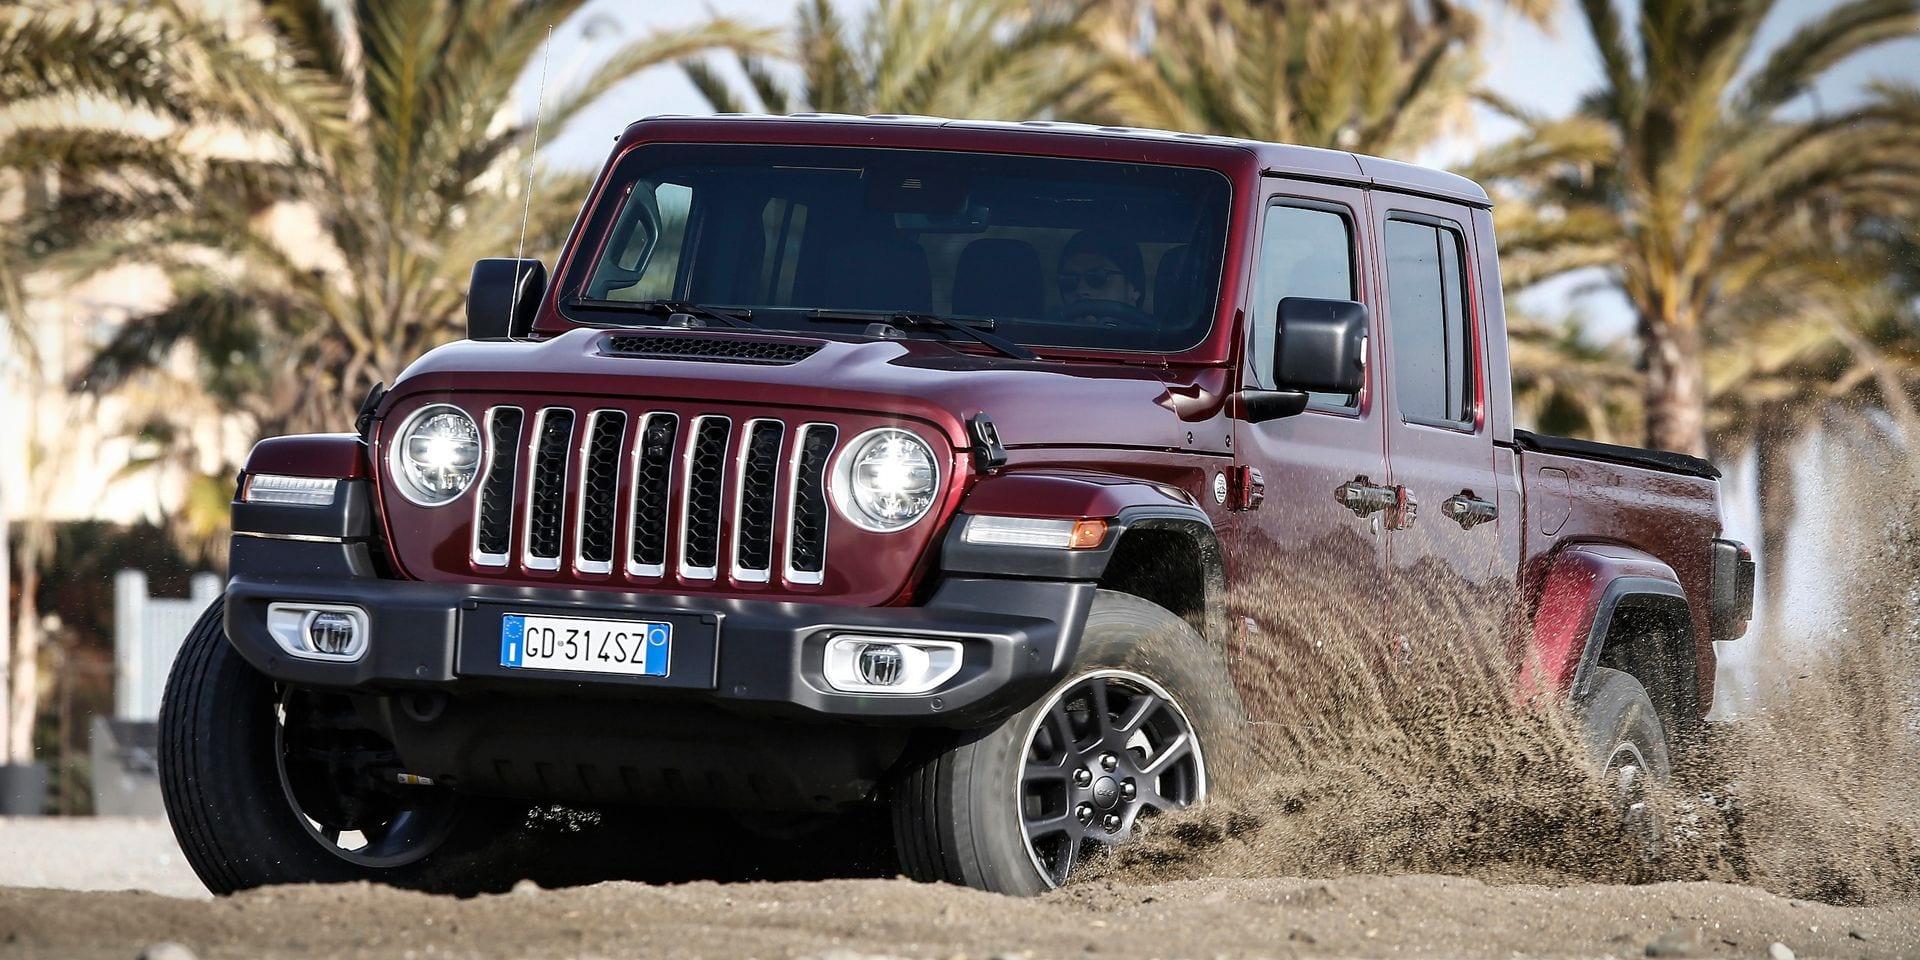 Essai auto Jeep Gladiator : La plage plutôt que l'ouvrage